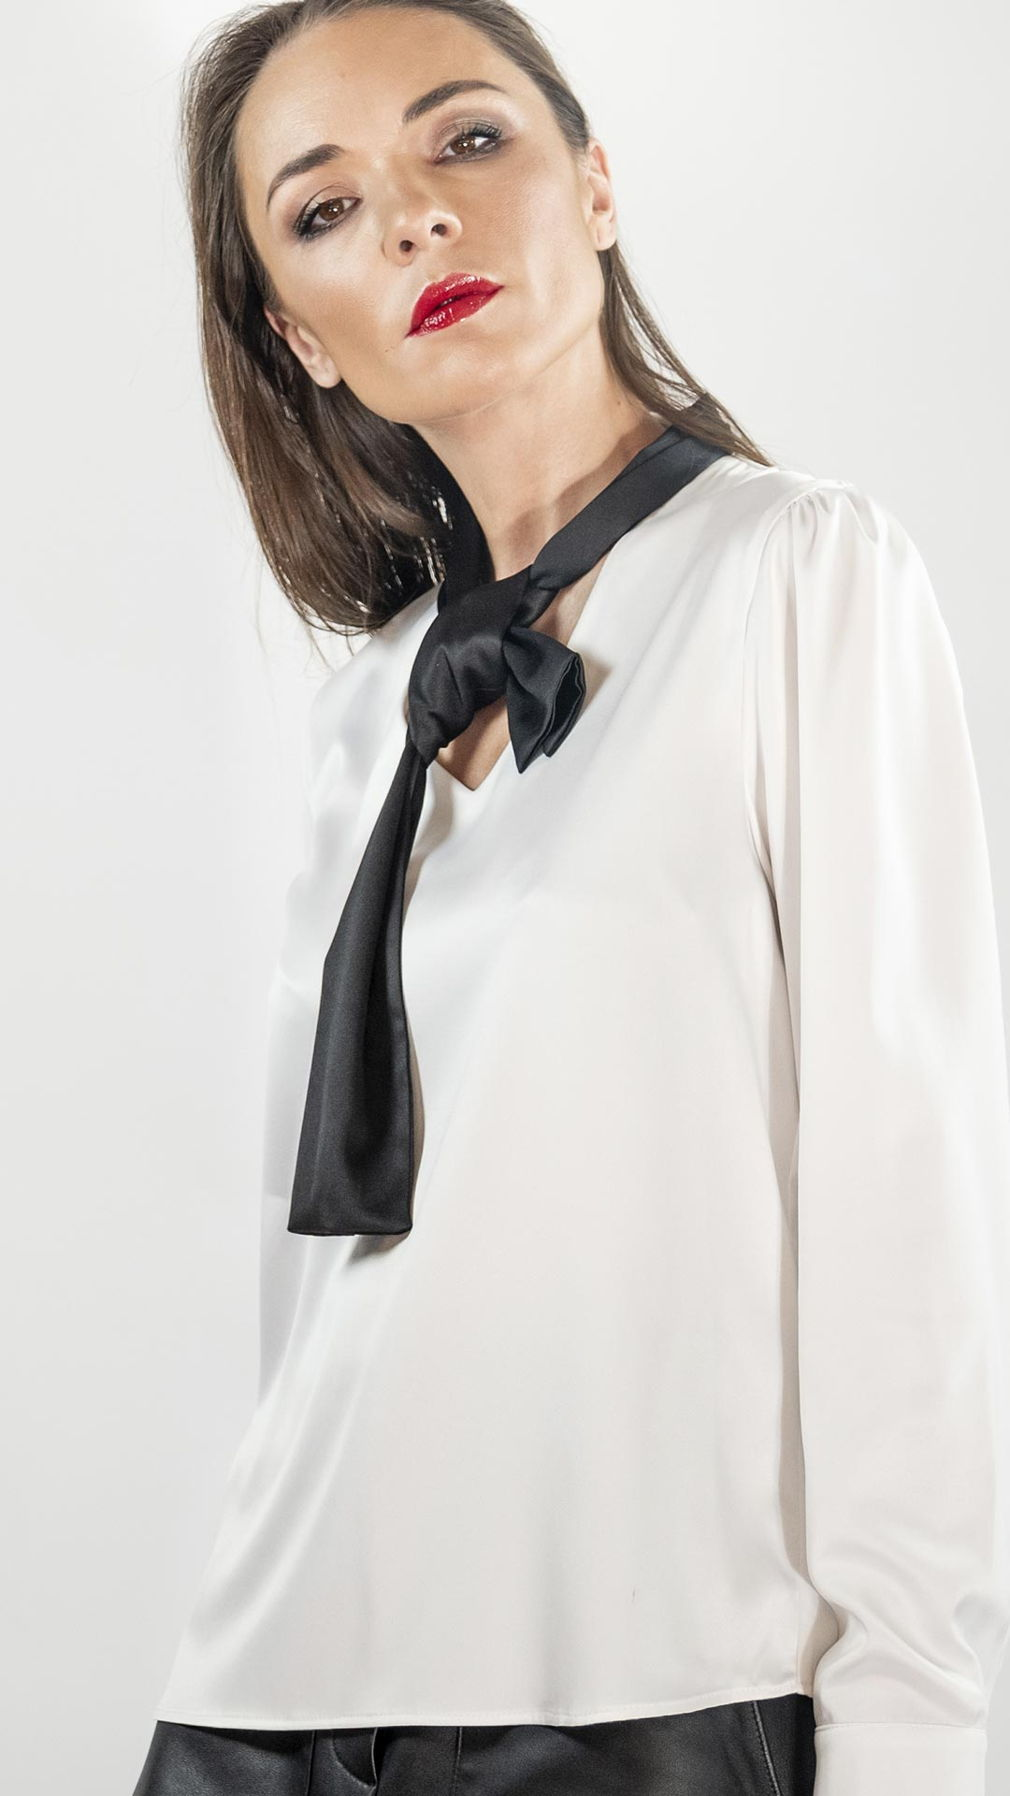 Шелковая блуза Bloodymerry